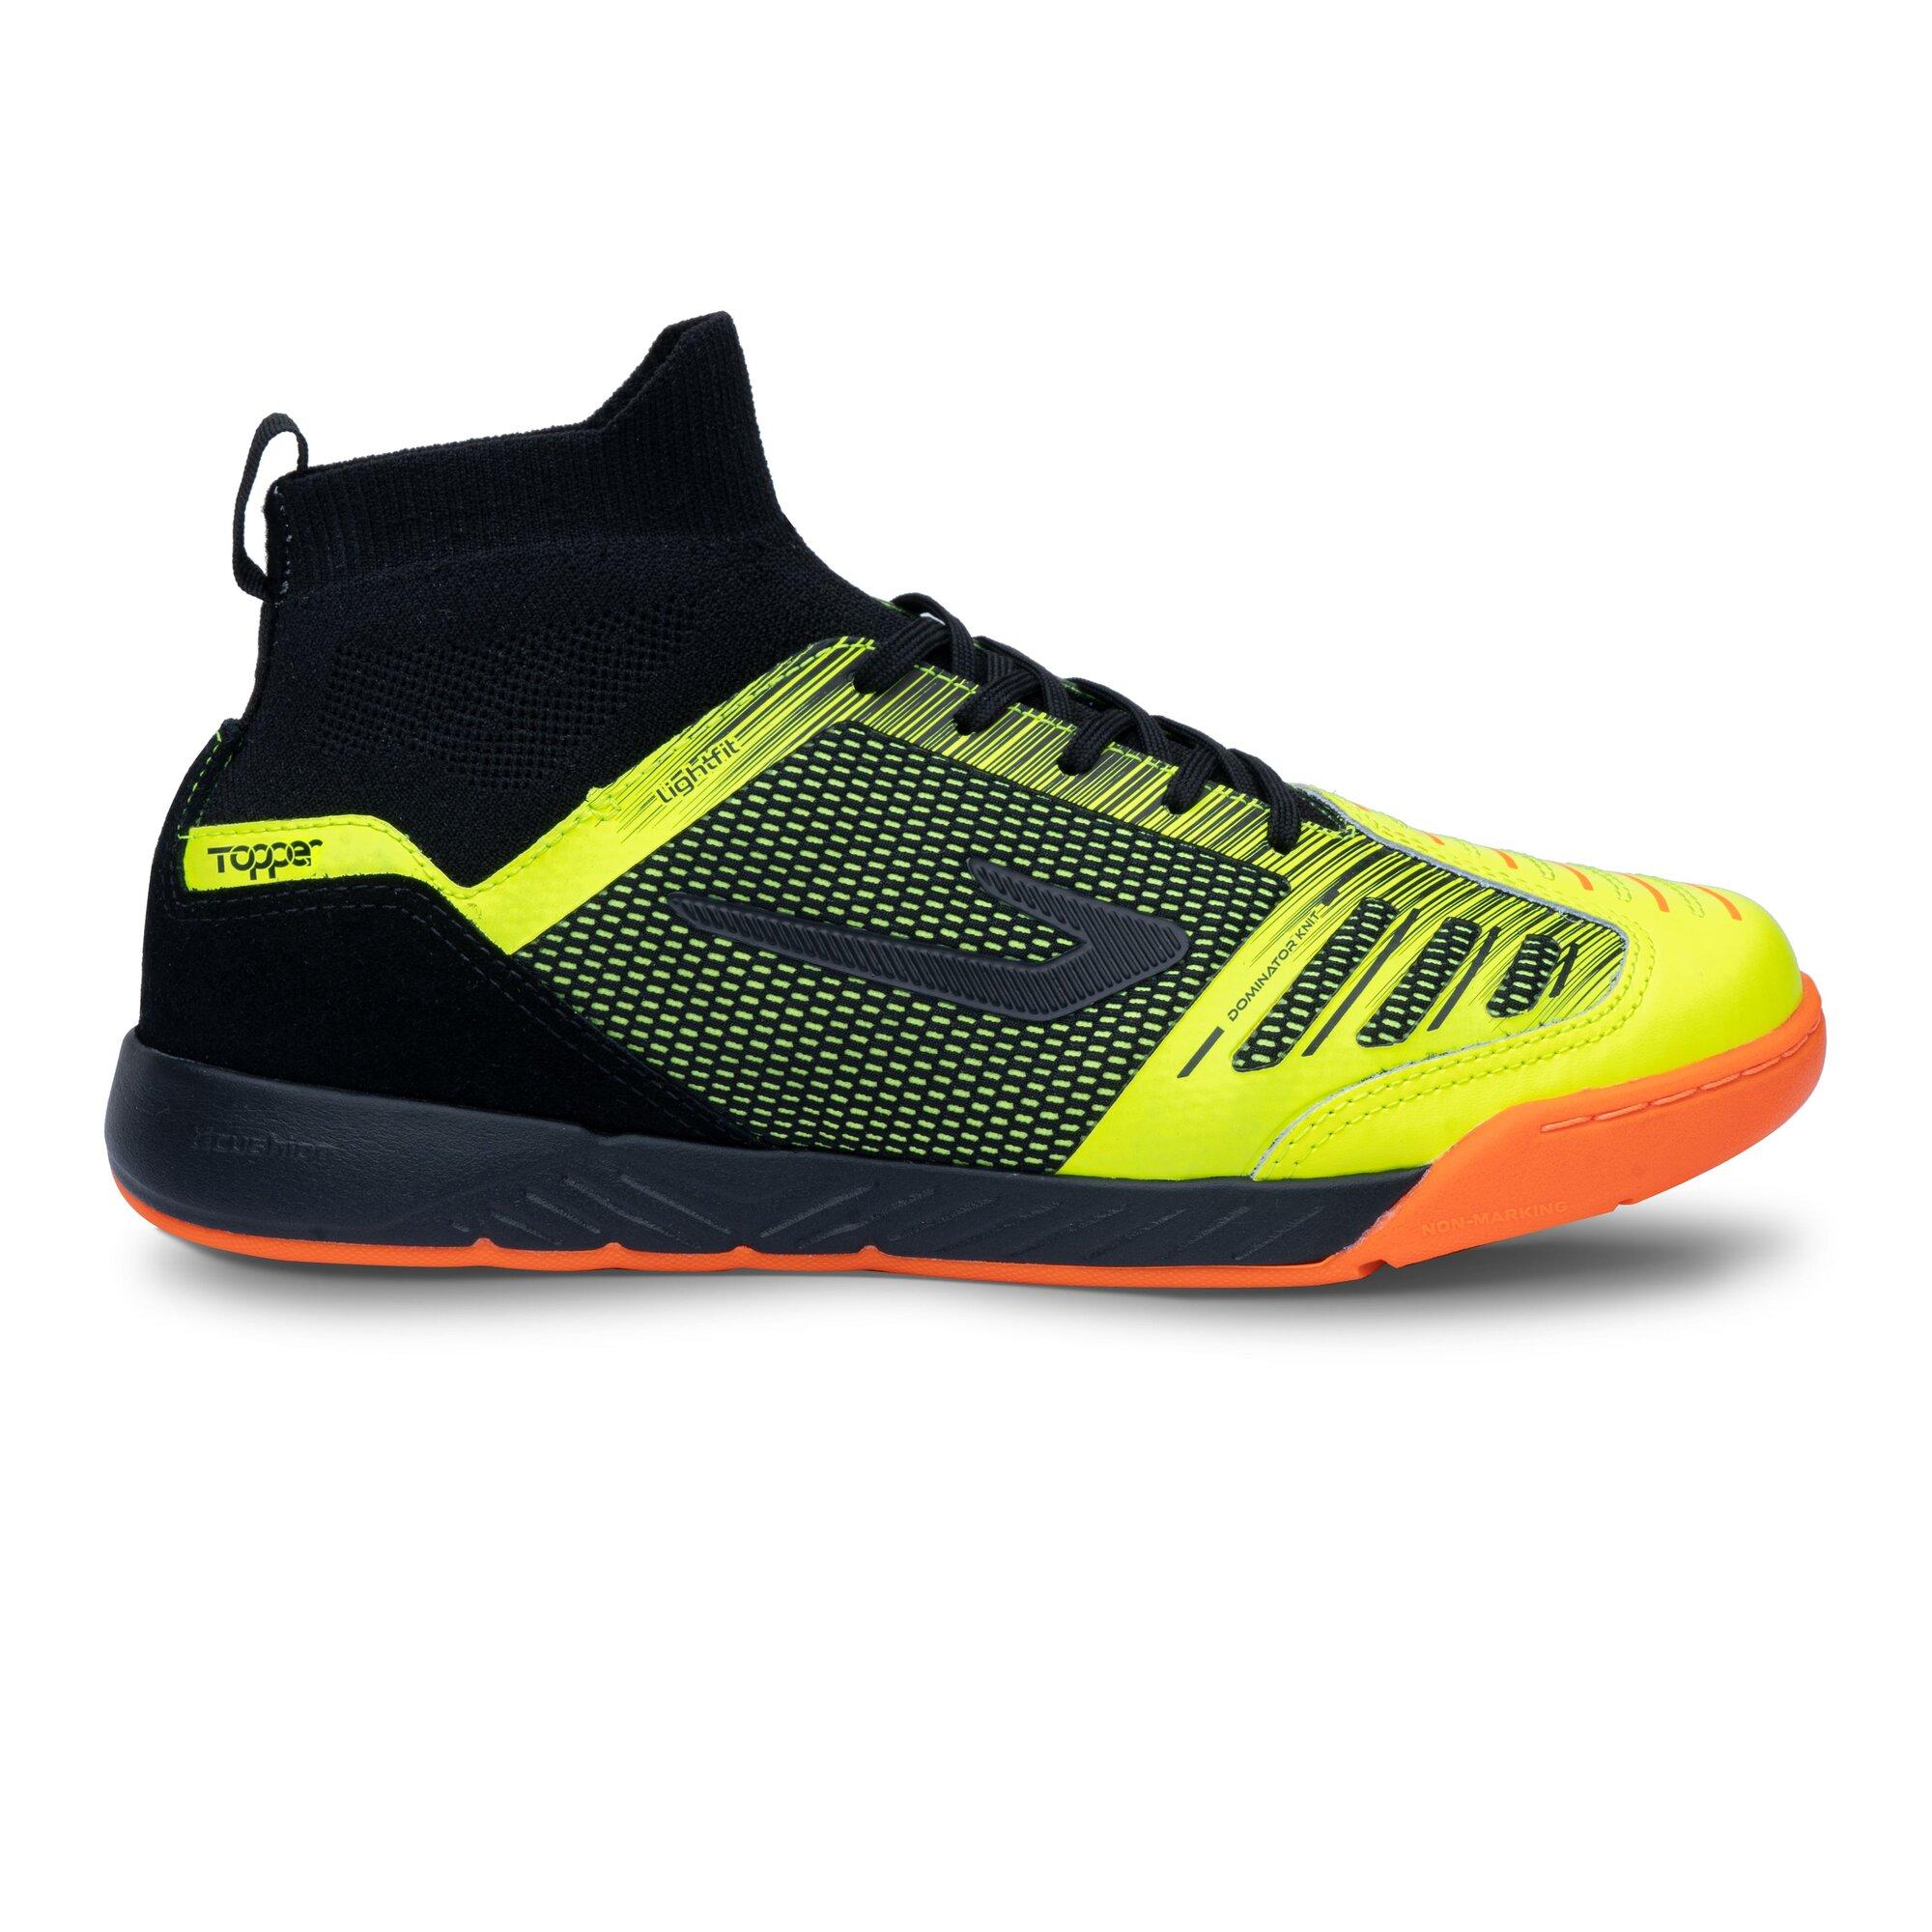 Tenis de Futsal Topper Dominator Knit Pro II